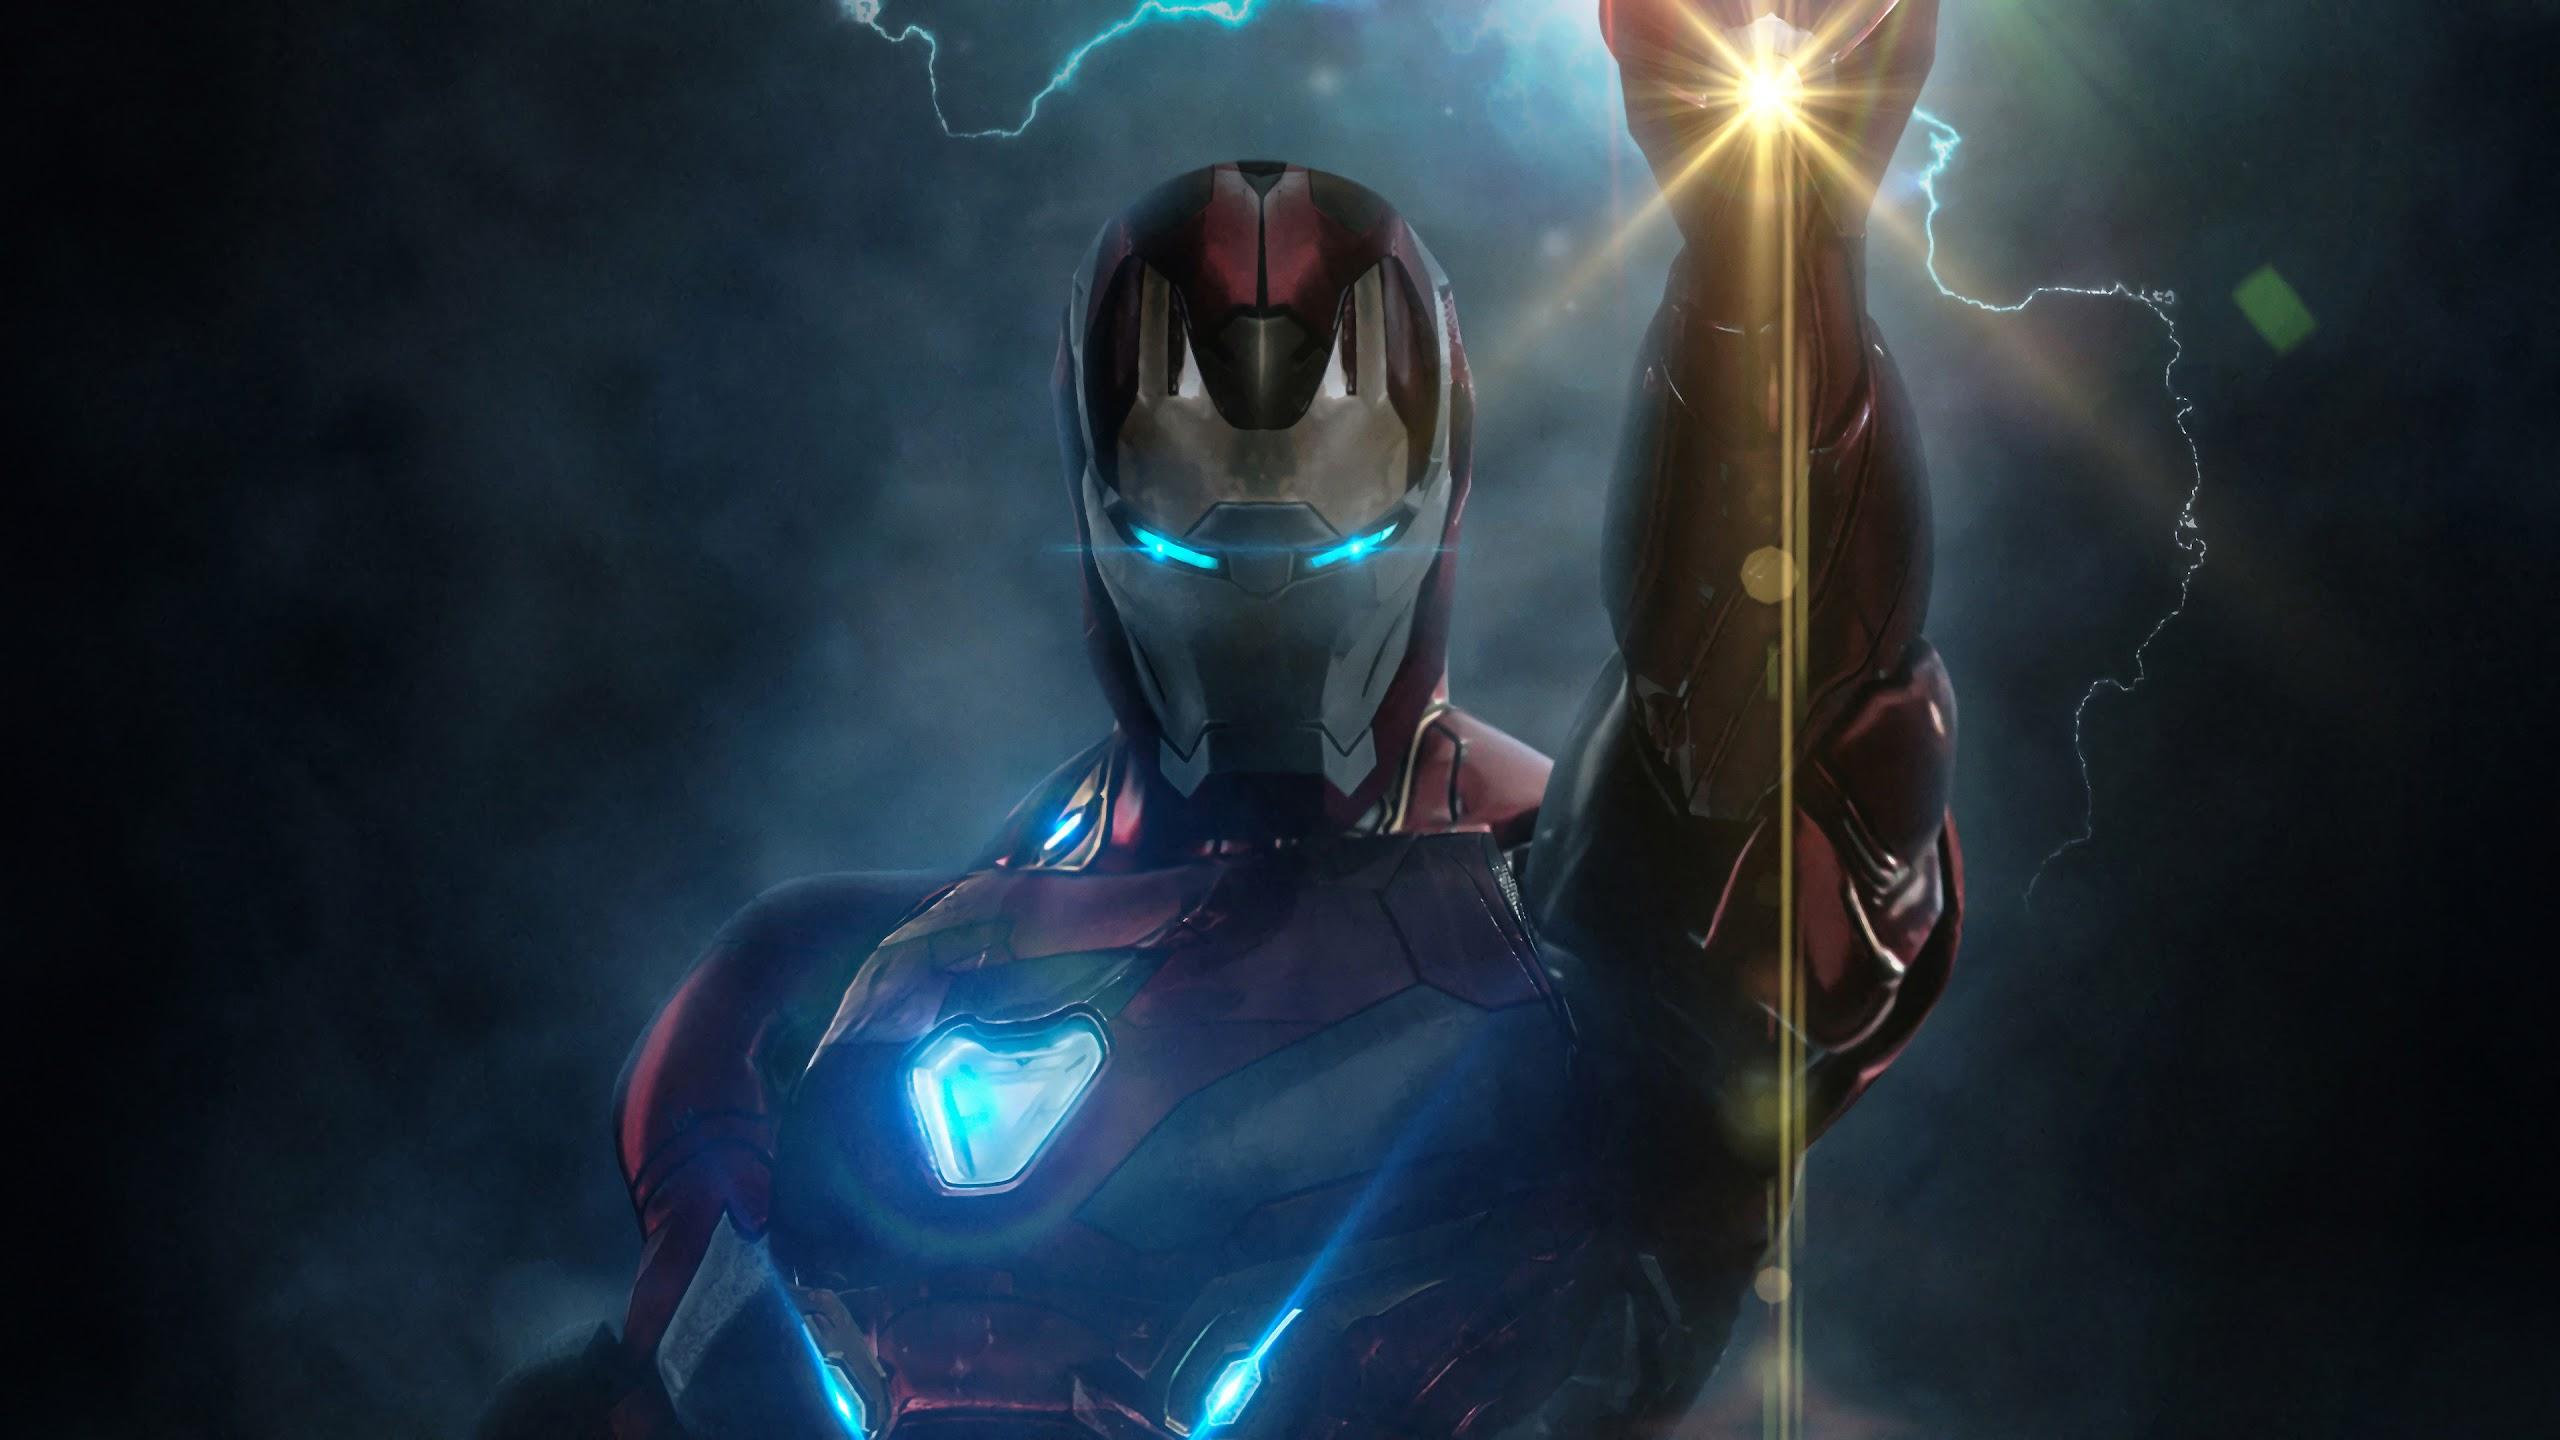 Iron Man Infinity Stones Avengers Endgame 4k Wallpaper 21